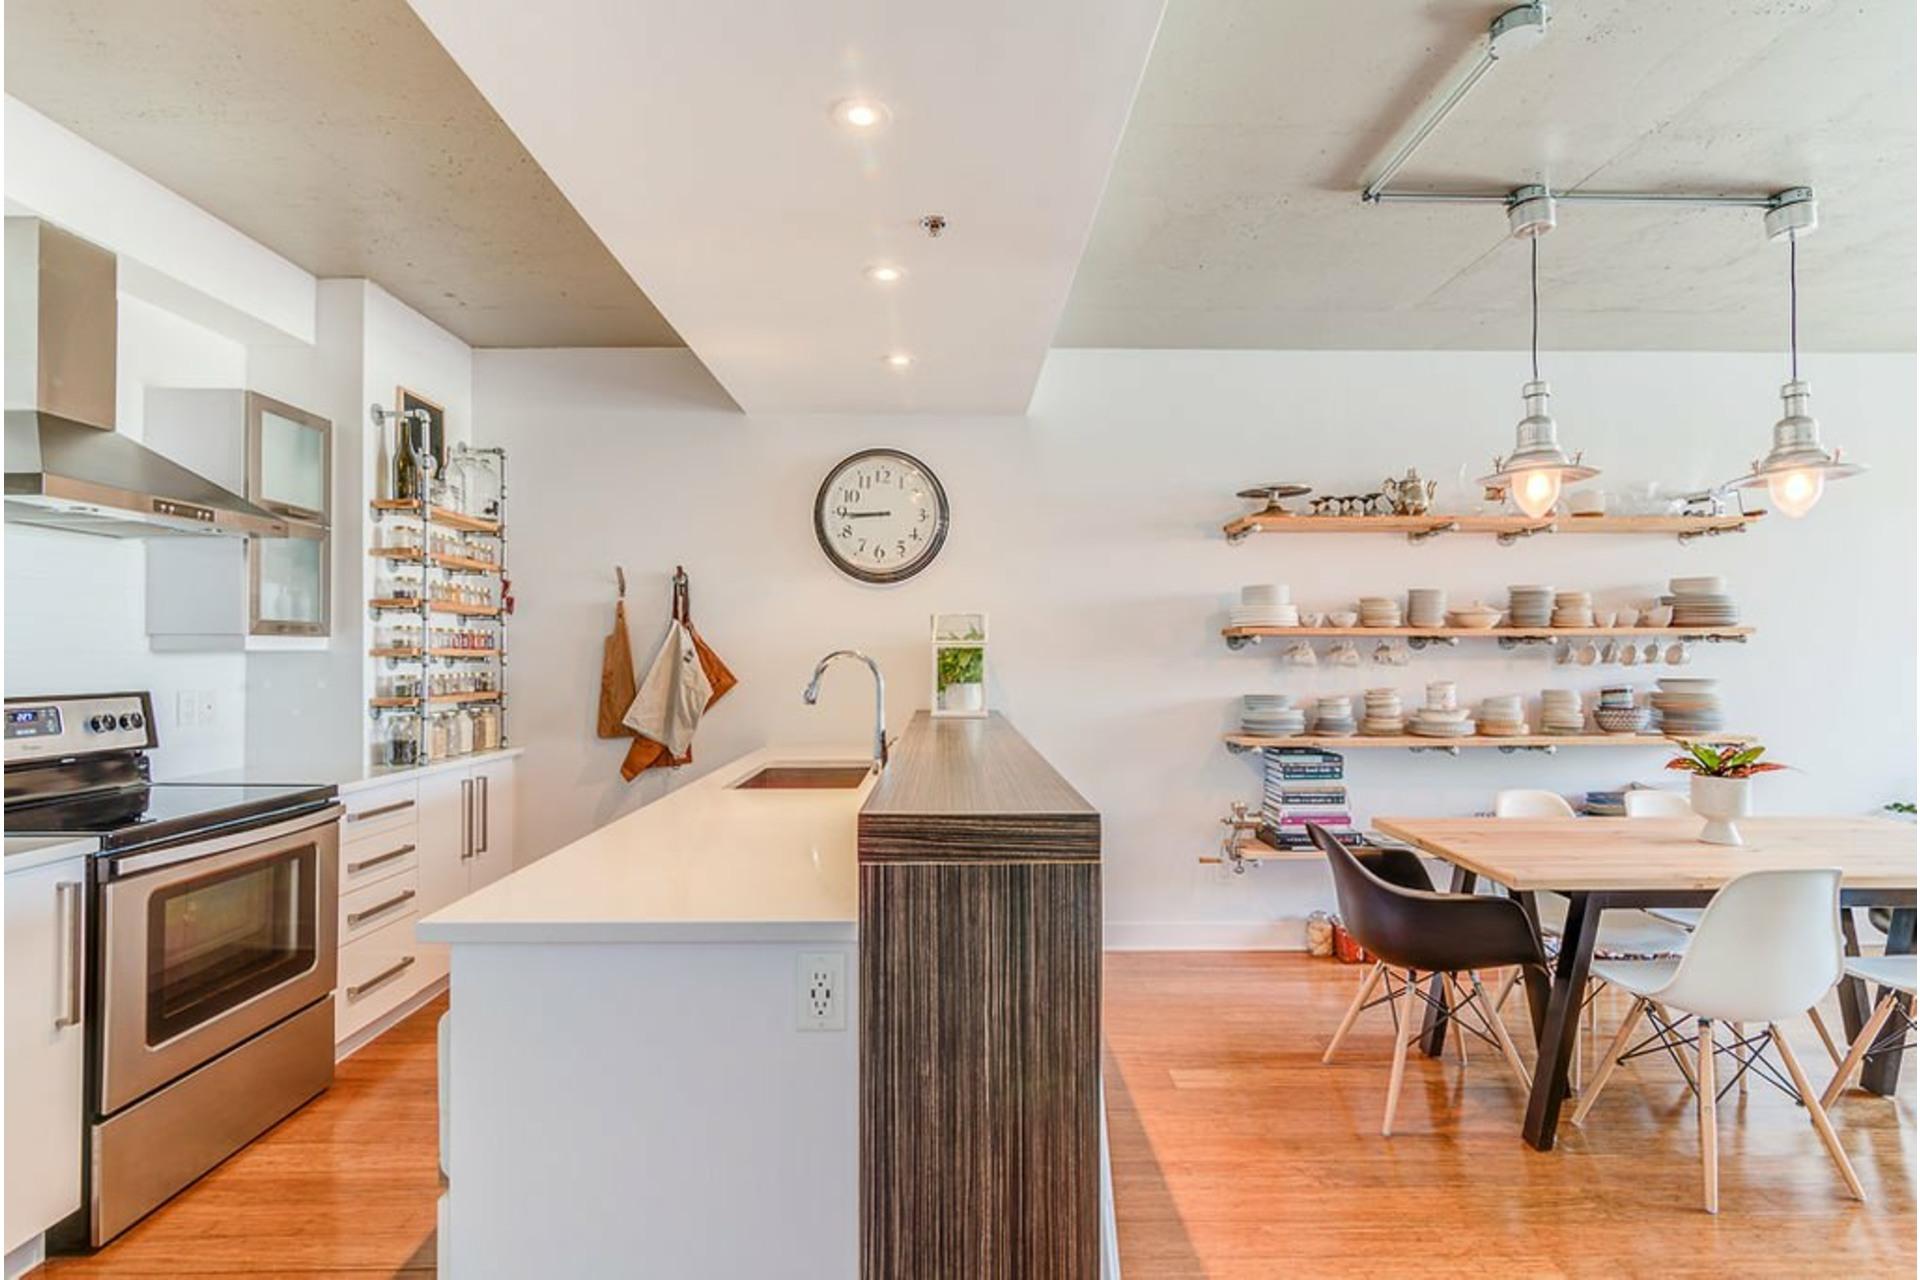 image 7 - Apartment For sale Villeray/Saint-Michel/Parc-Extension Montréal  - 4 rooms